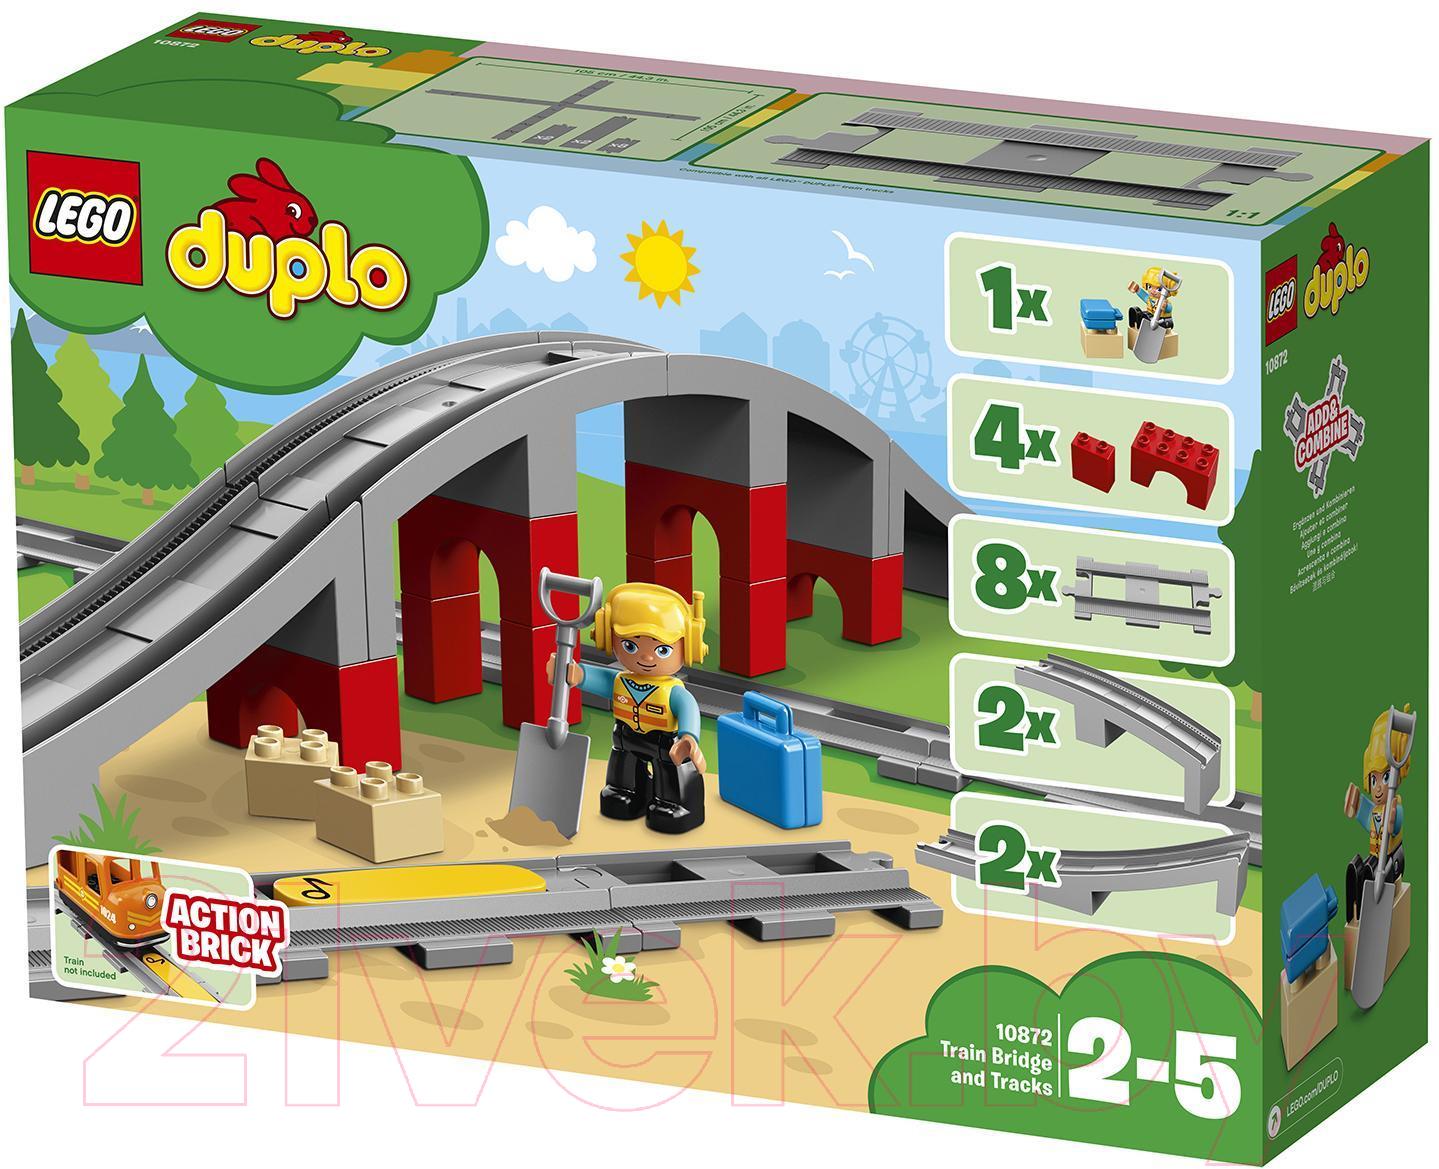 Купить Конструктор Lego, Duplo Железнодорожный мост 10872, Китай, пластик